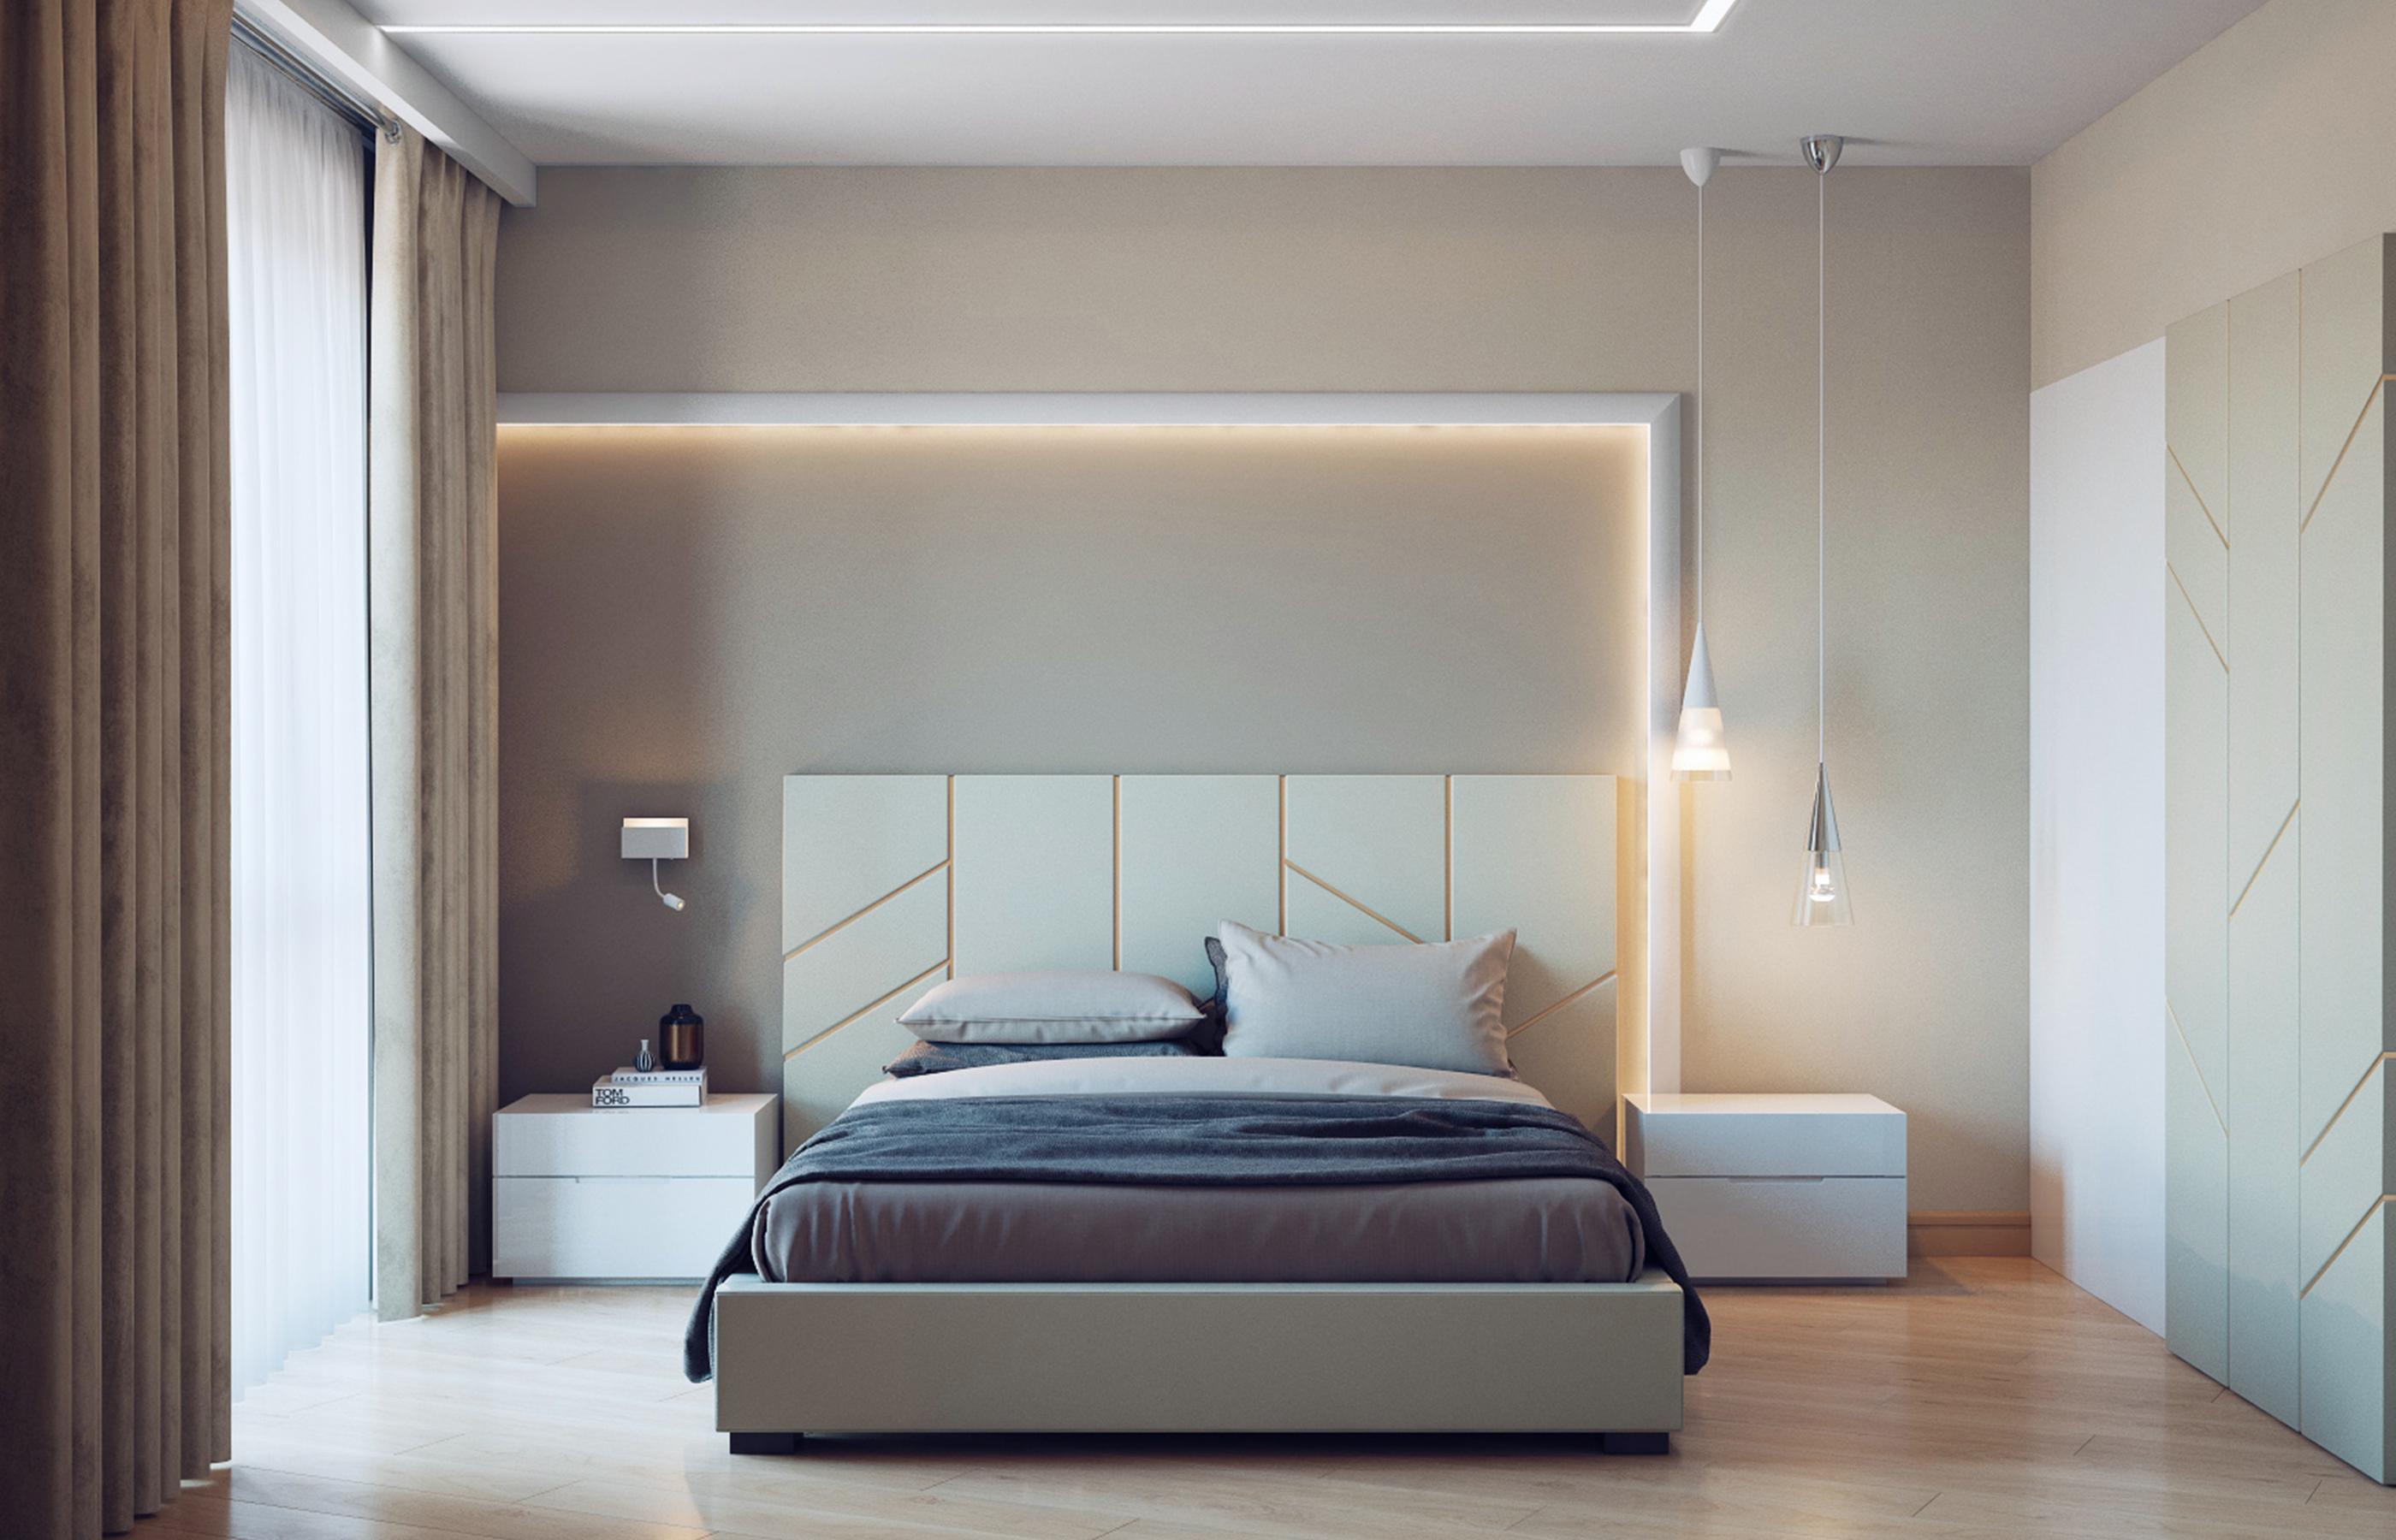 Интерьер спальни - мягкие кофейные тона и приглушенное освещение